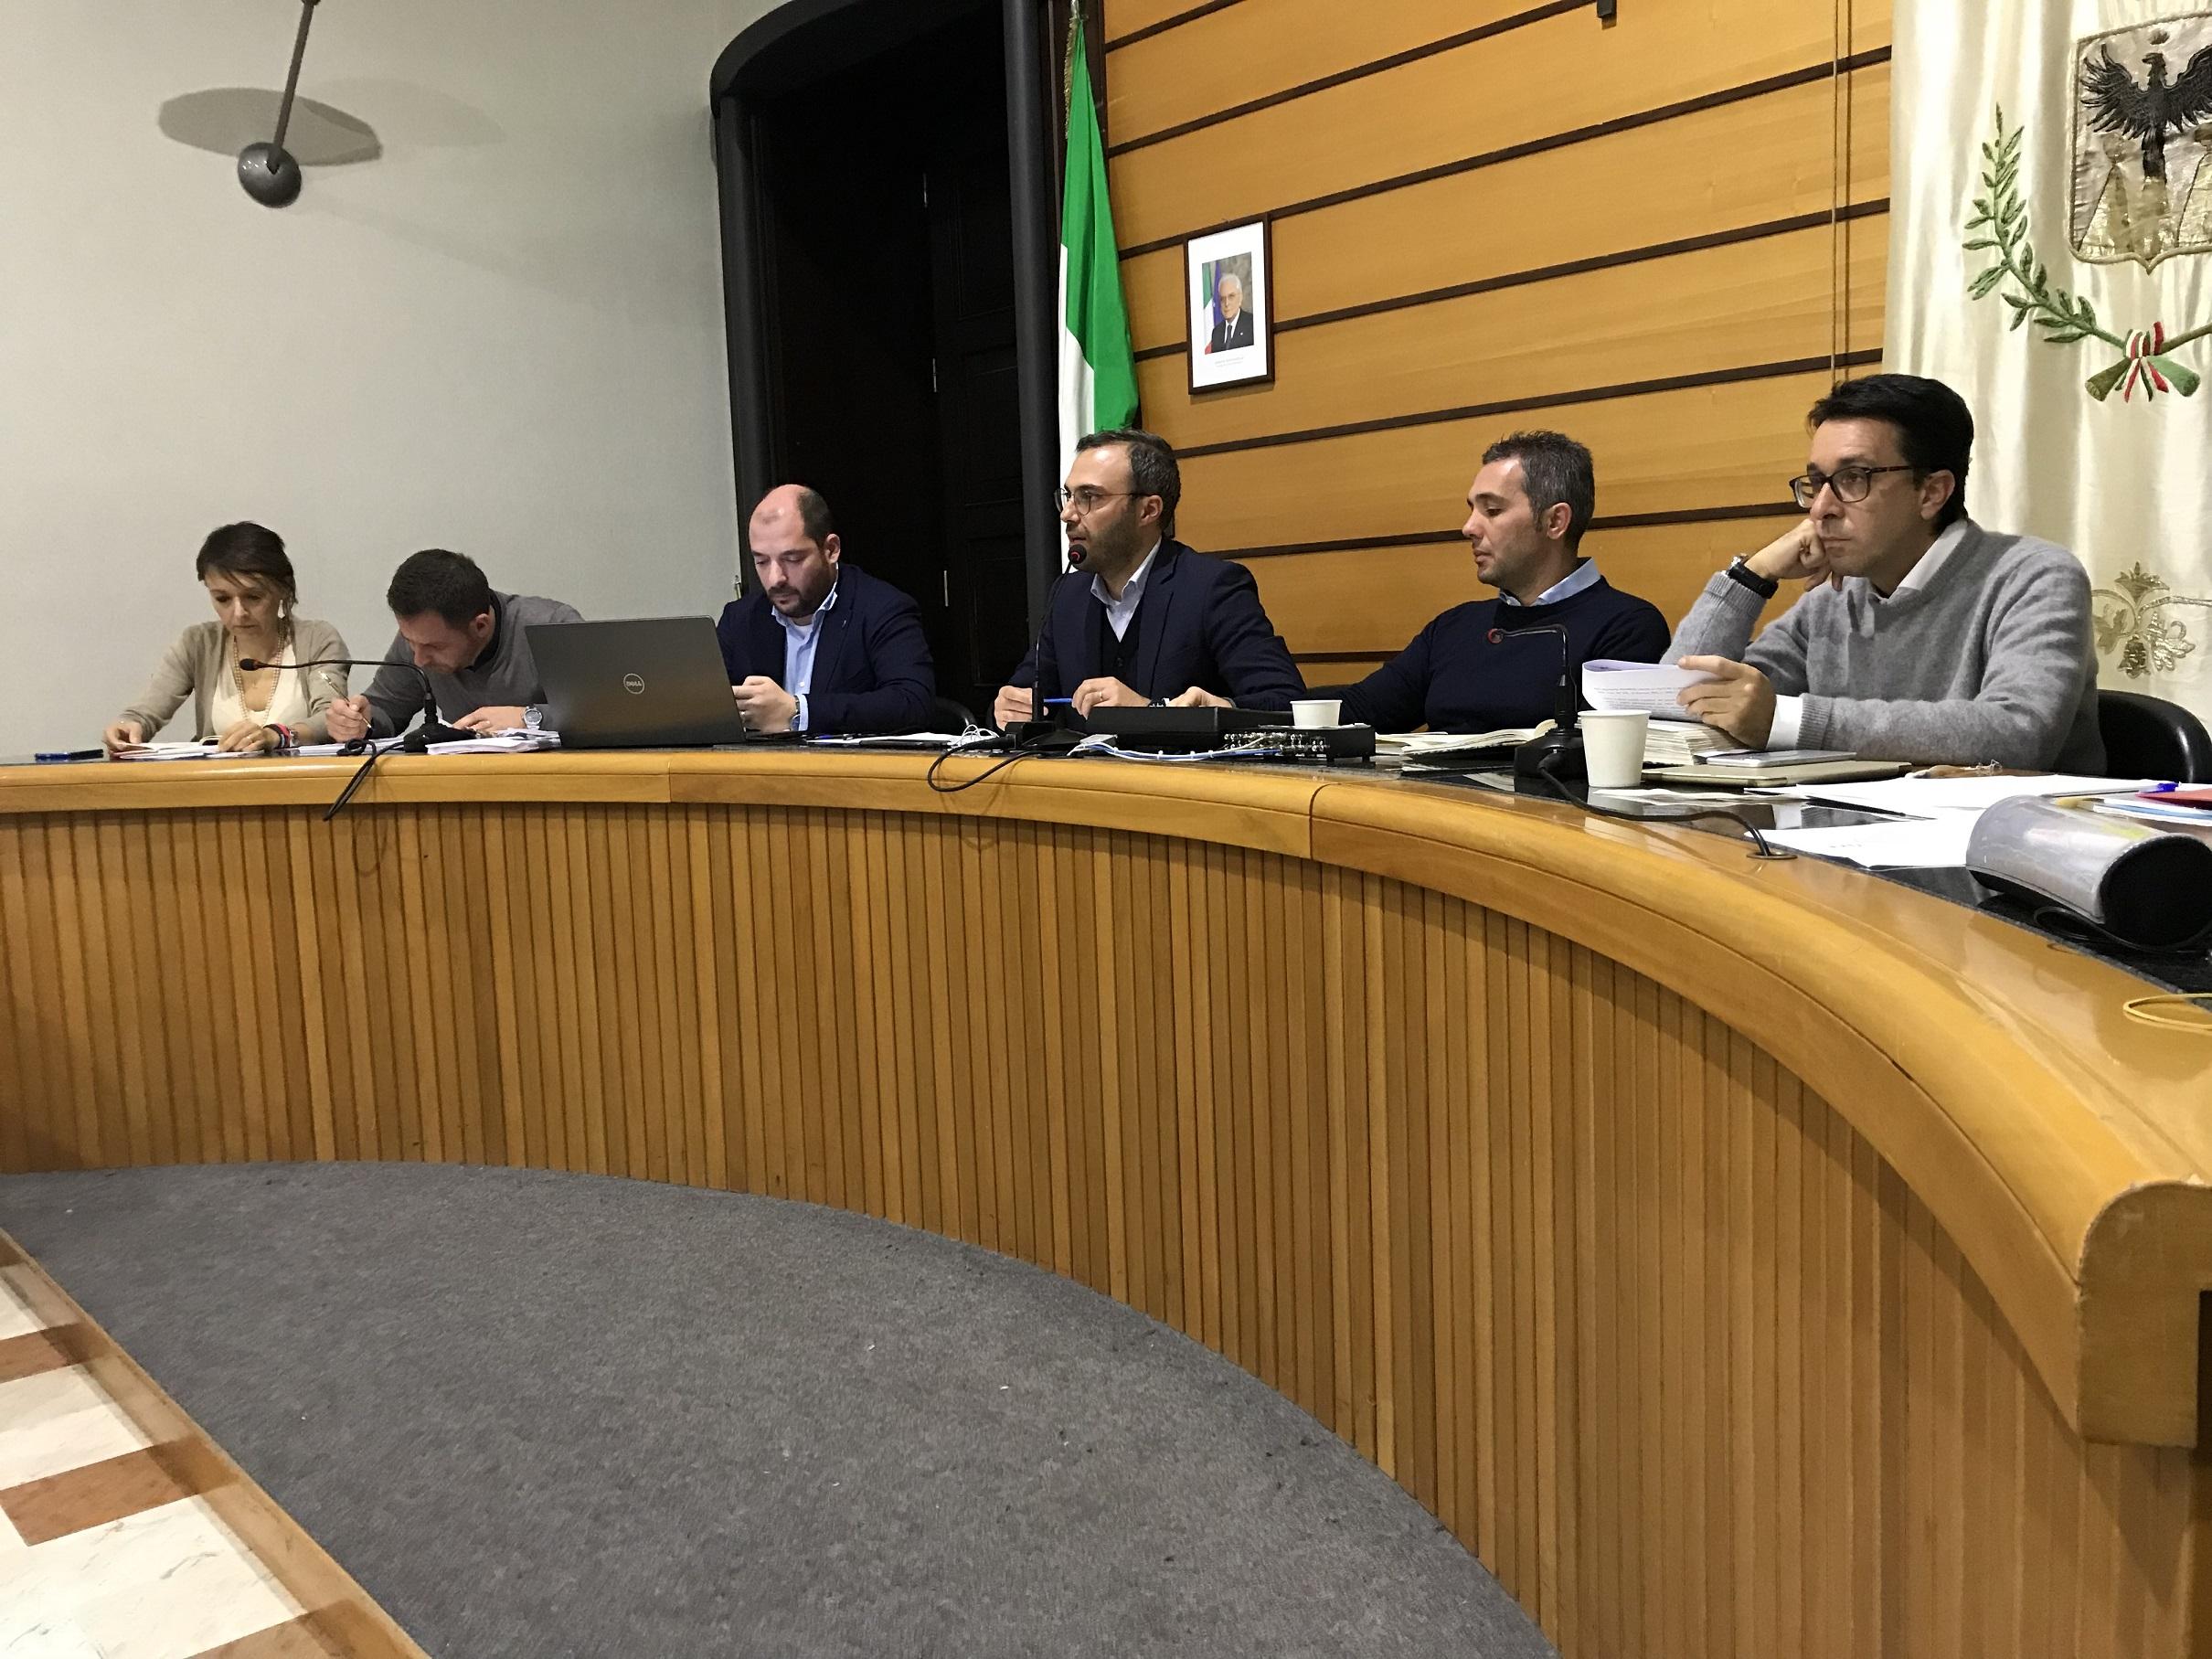 Il Consiglio comunale di Alcamo approva sei mozioni sul DUP 2019-2021. Ecco cosa prevedono